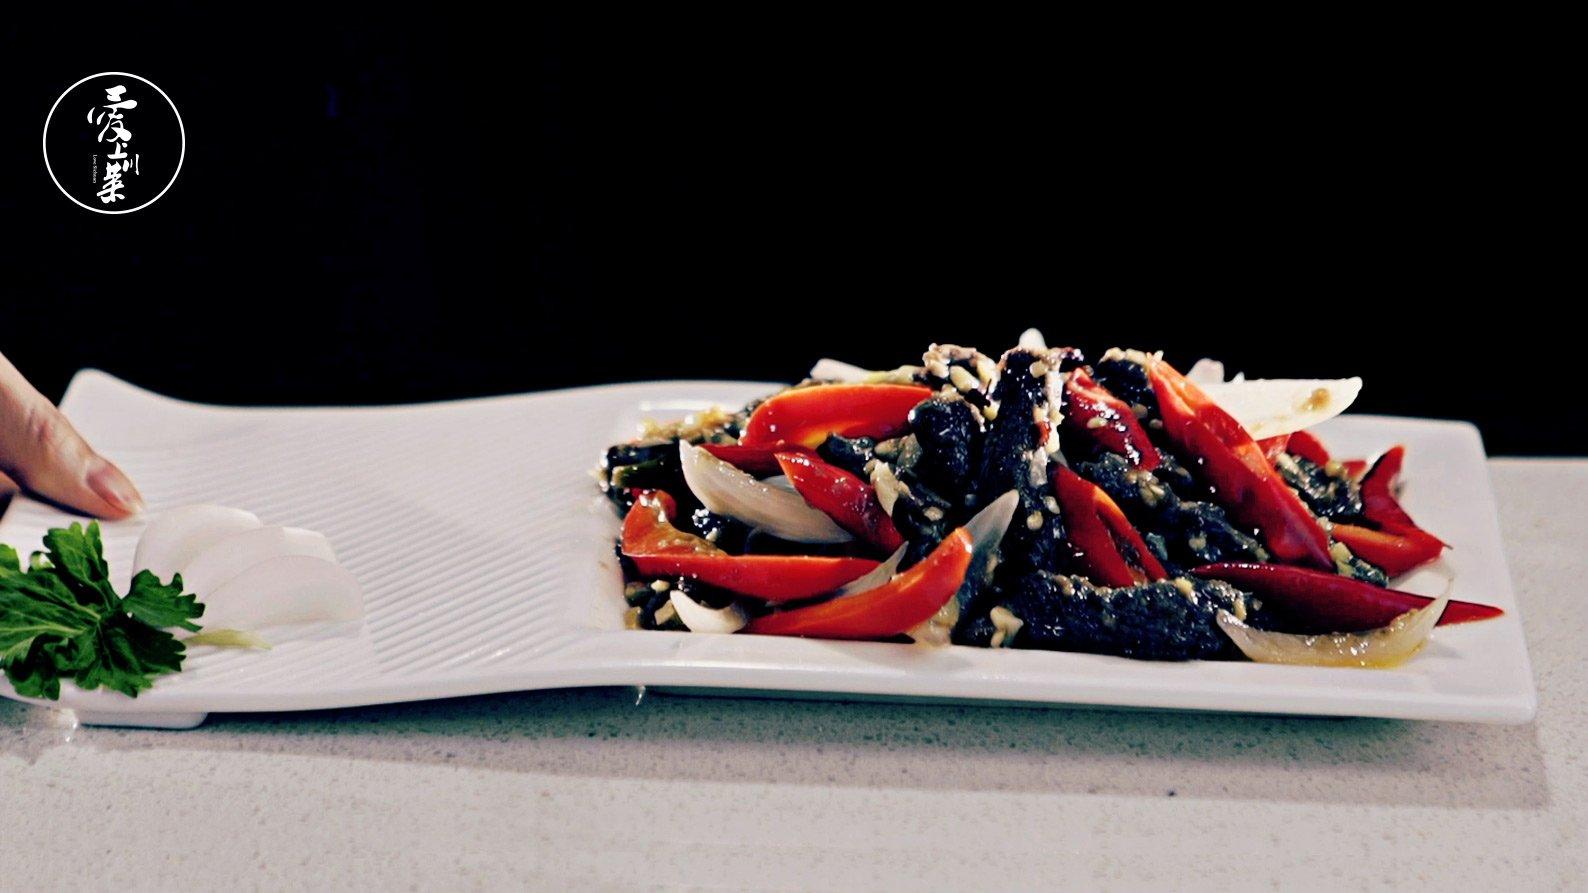 爱上川菜048:山地勇士的泡椒牛柳